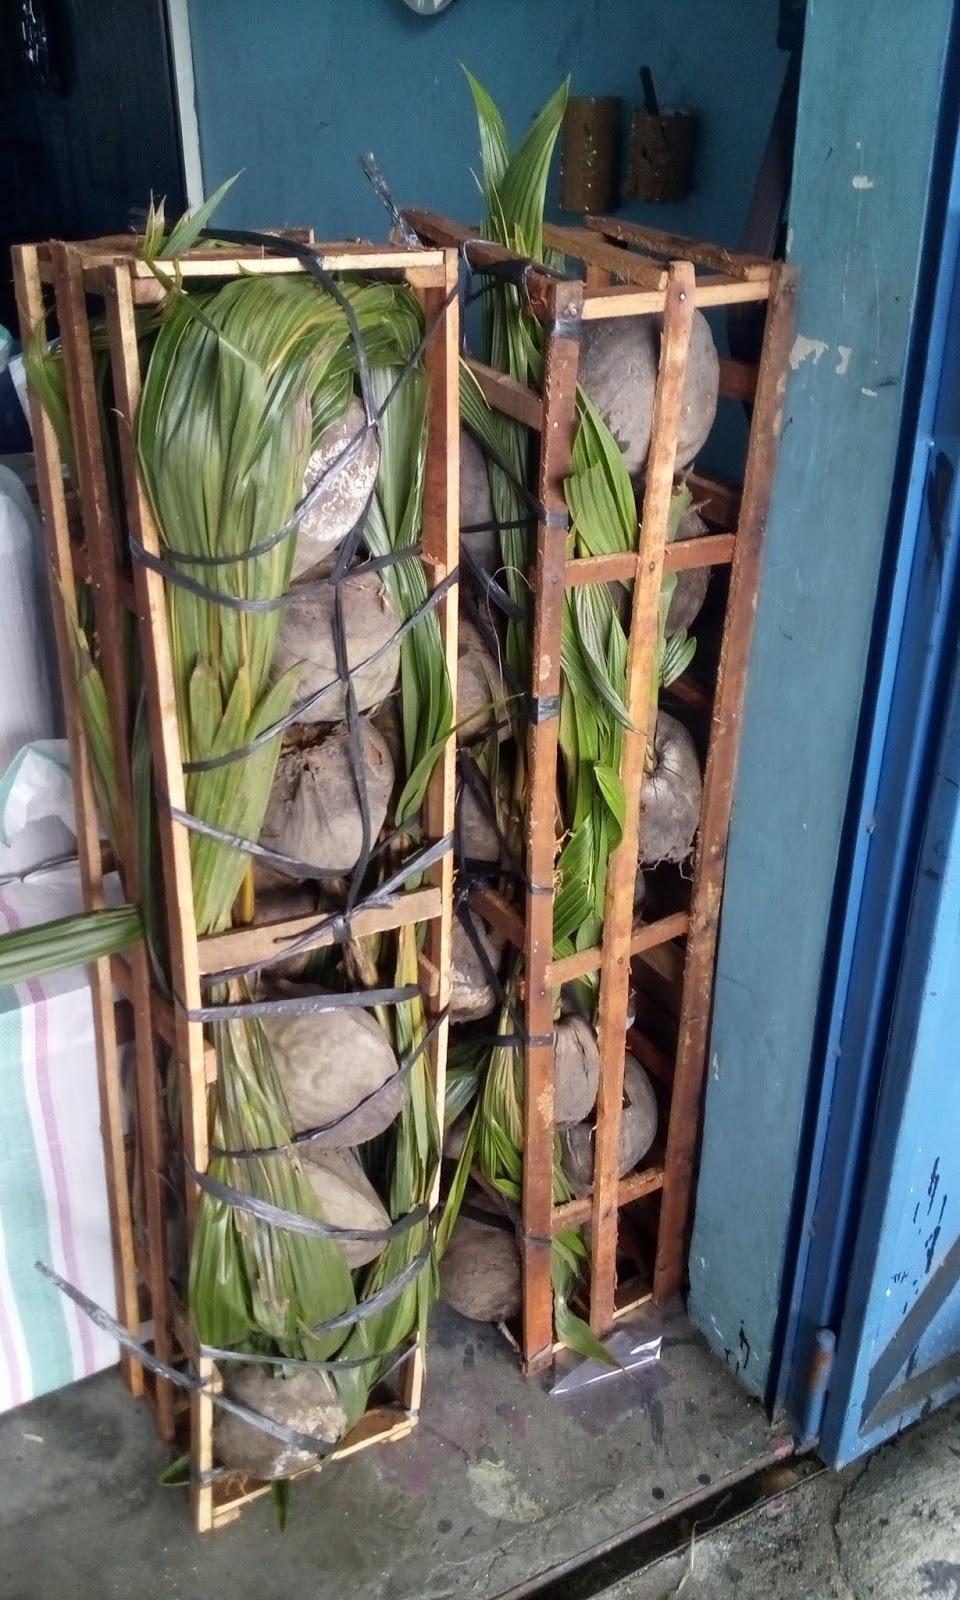 Bibit tanaman unggul - Bibit kelapa wulung disebut juga pohon sejuta manfaat, Buah kelapa hijau wulung dapat diambil manfaatnya dari sari air kelapa muda, daging buah, tempurung dan sabutnya. Salah satu produk yang dihasilkan dari kelapa hijau adalah sari kelapa (kelapa muda hijau). Produk dari daging kelapa yang sudah tua adalah daging kelapa parut, kulit ari daging kelapa dan minyak kelapa hijau